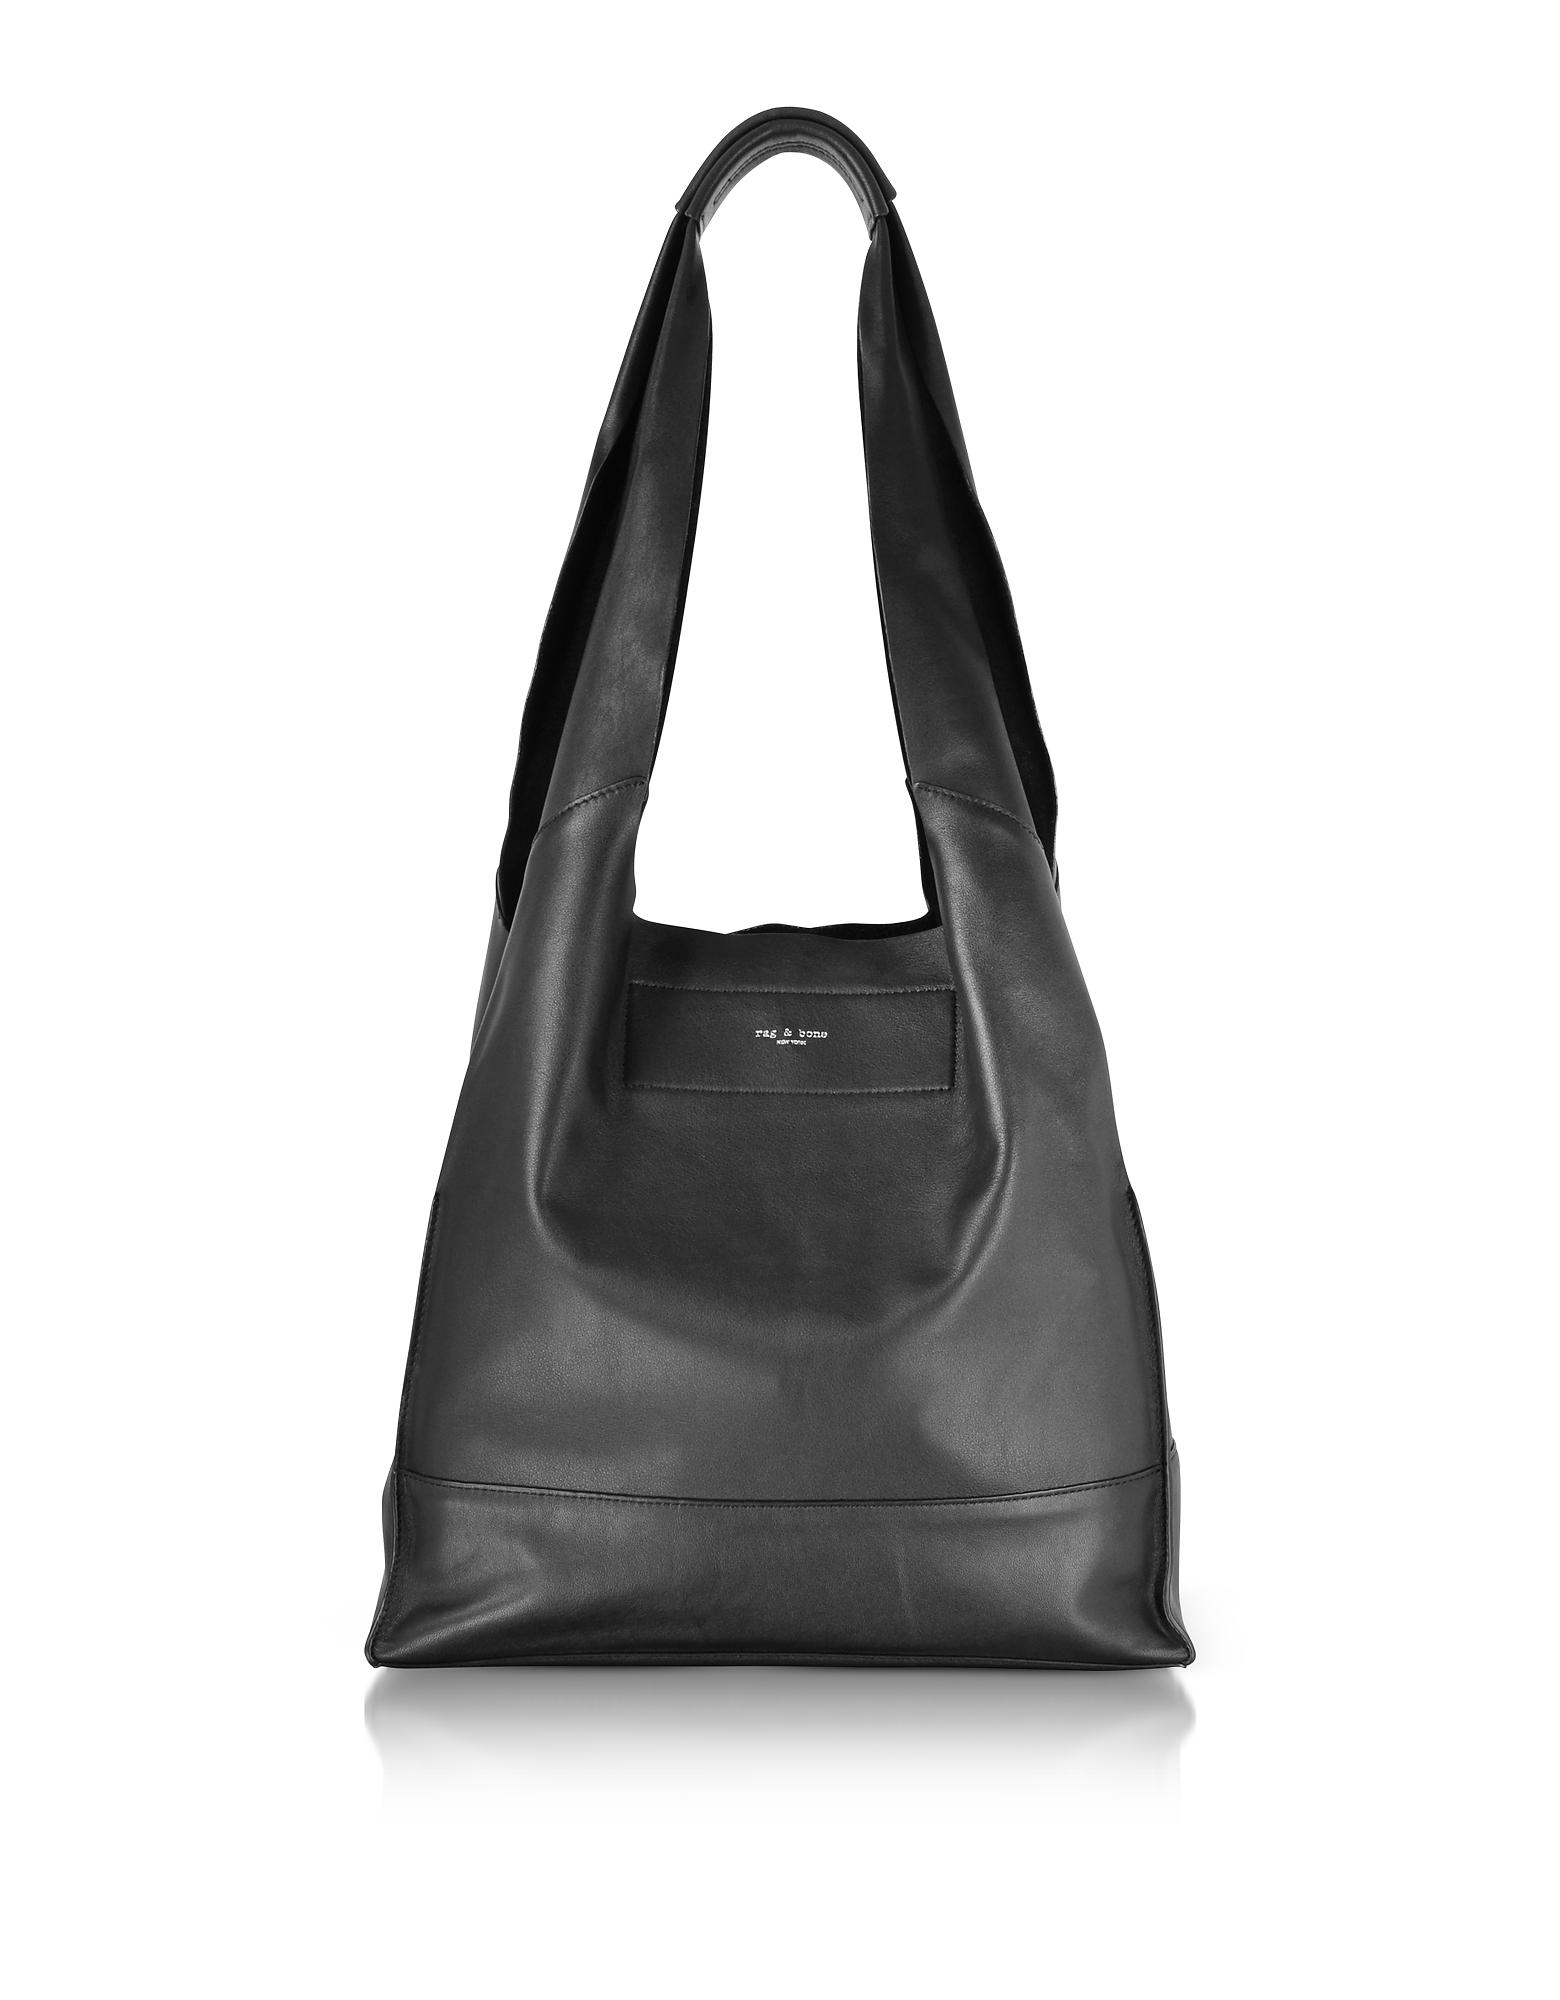 Image of Rag & Bone Designer Handbags, Black Leather Walker Shopper Tote Bag